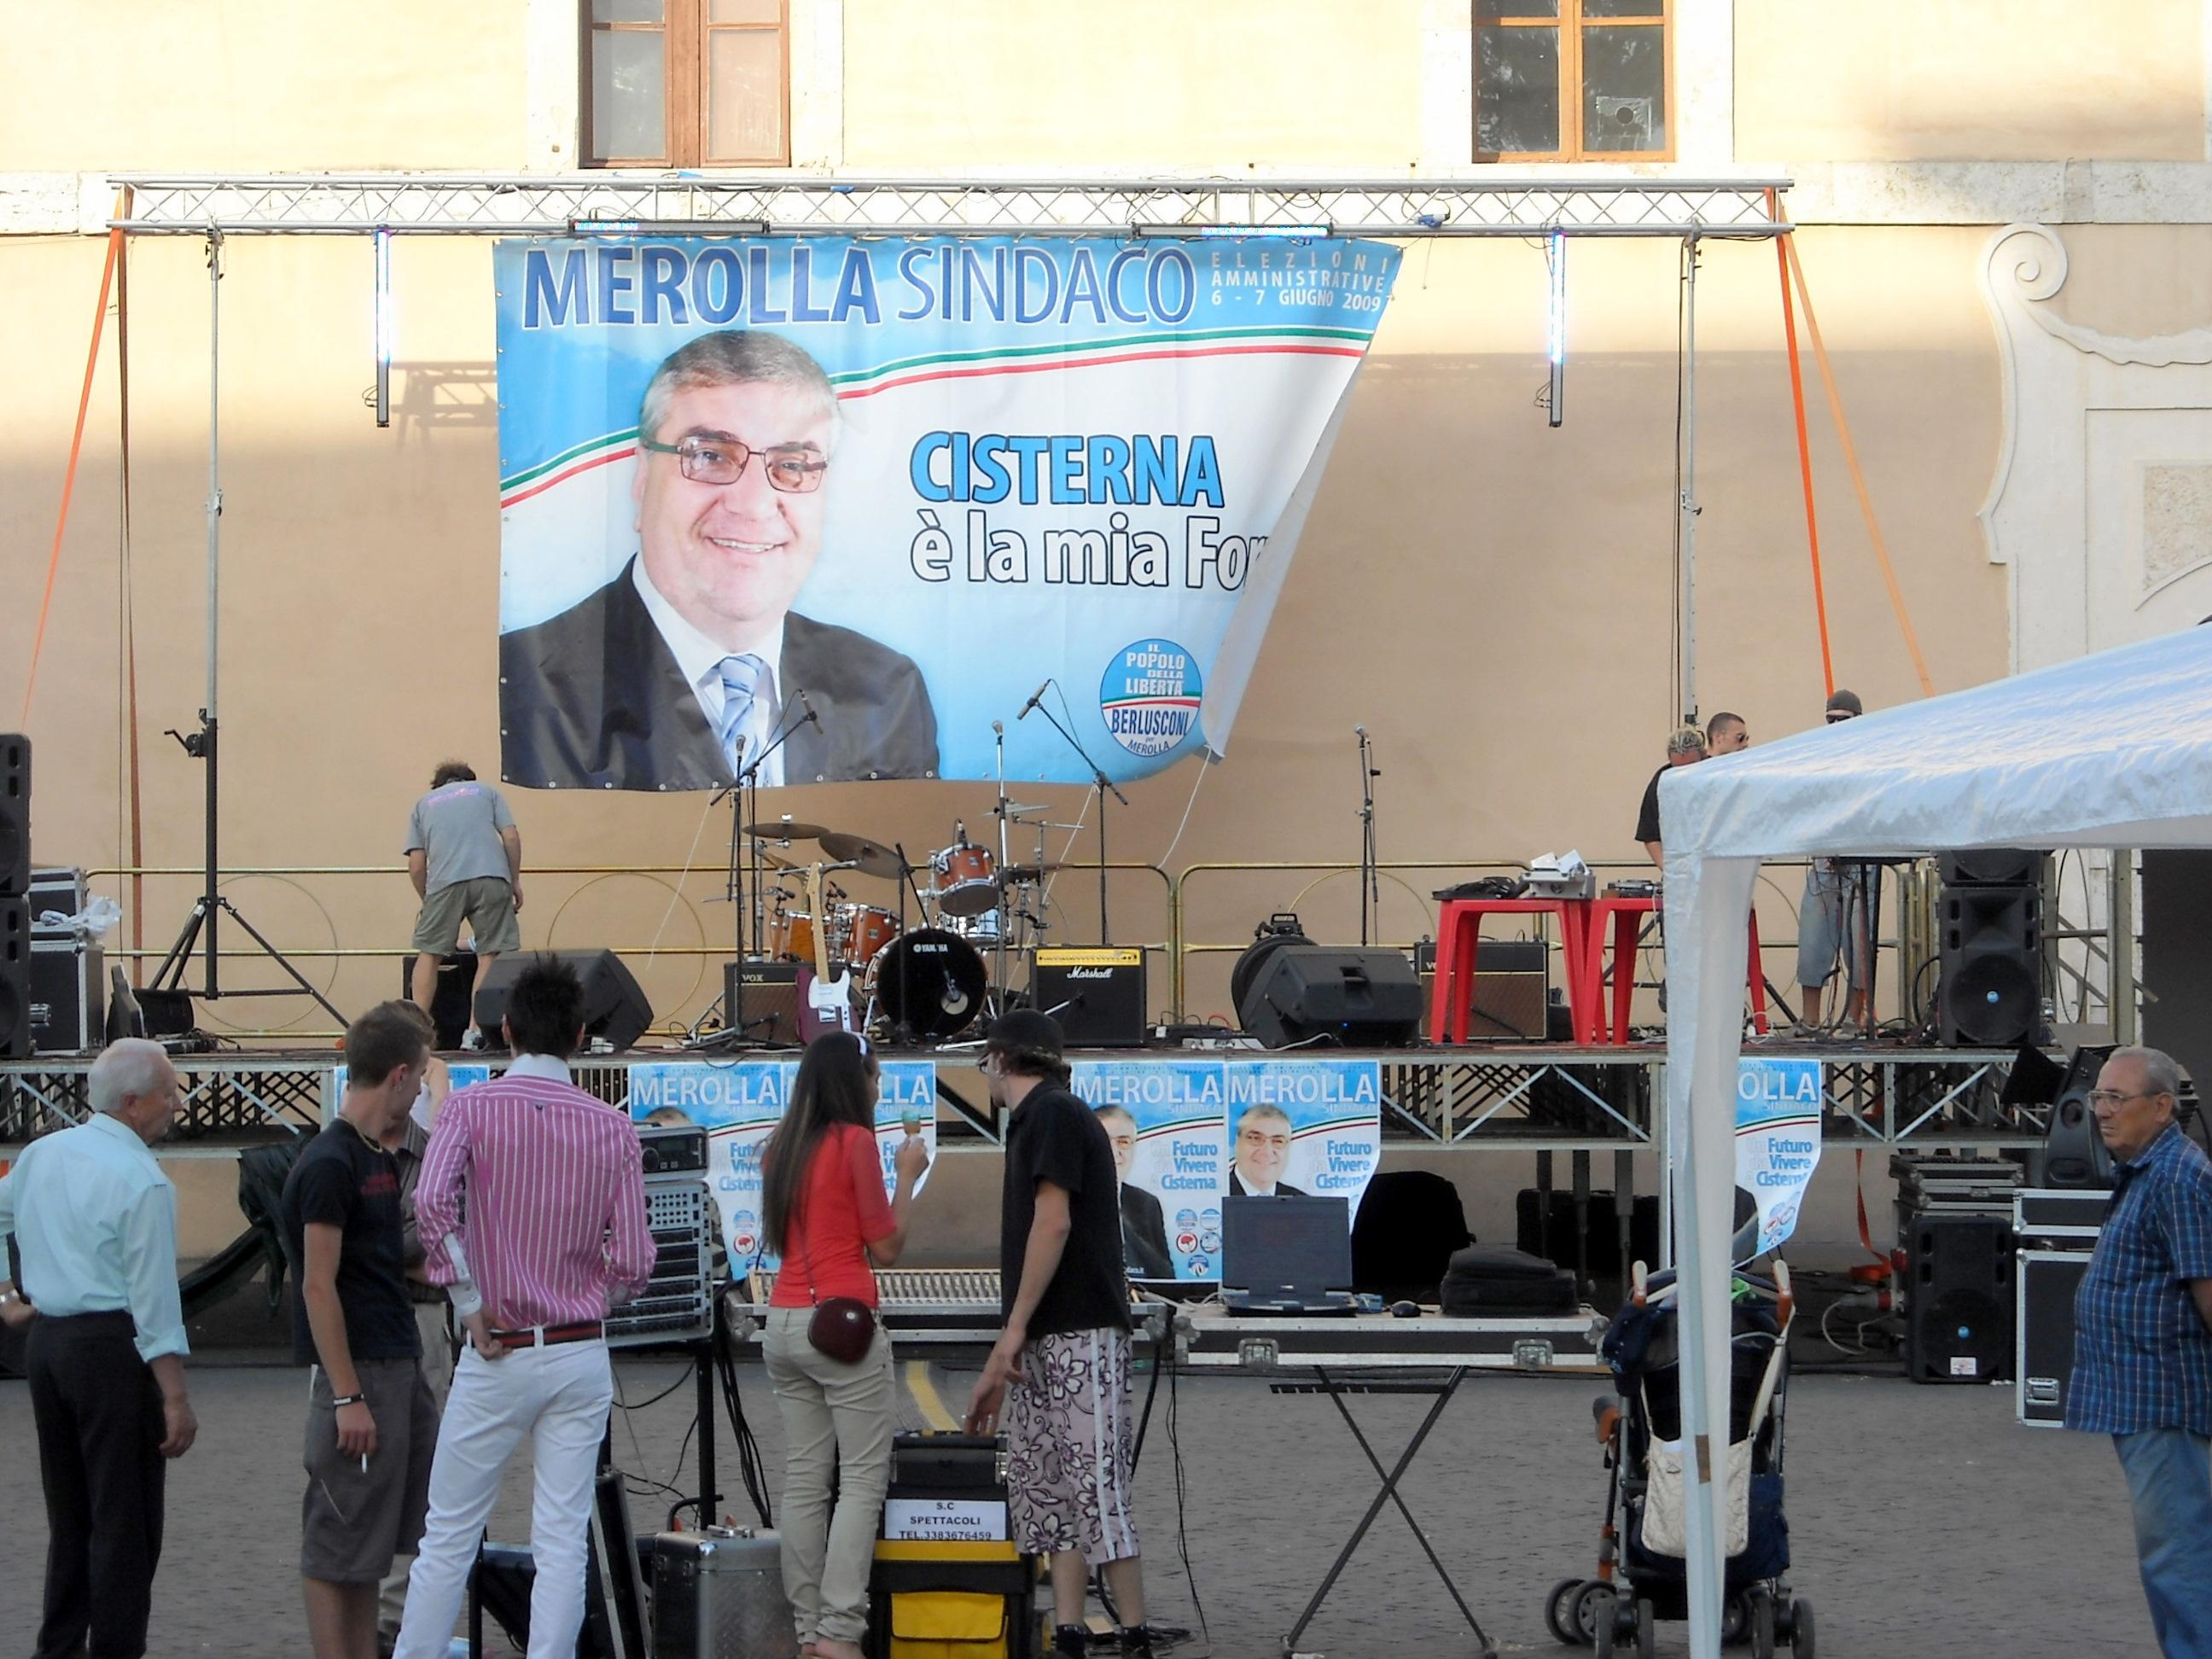 Il palco in piazza XIX marzo, oggi